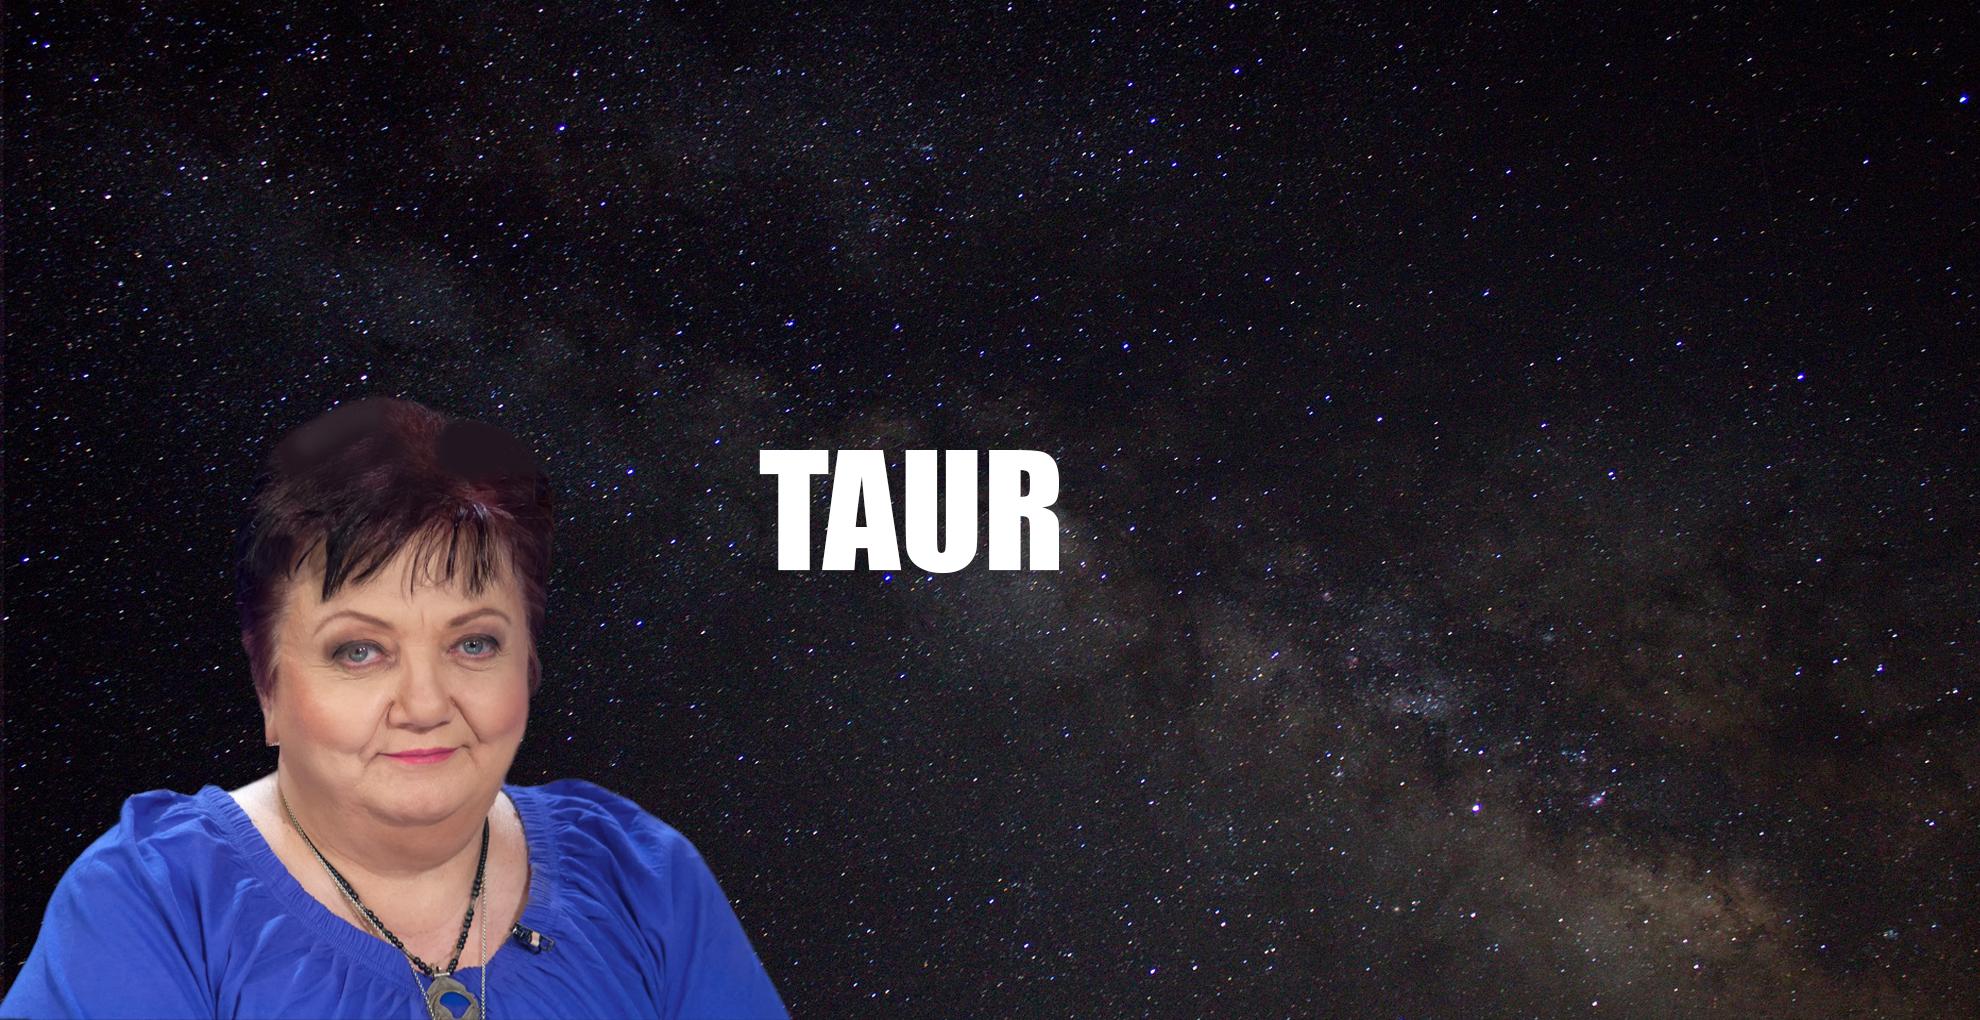 Horoscop Minerva iunie 2021 - Taur